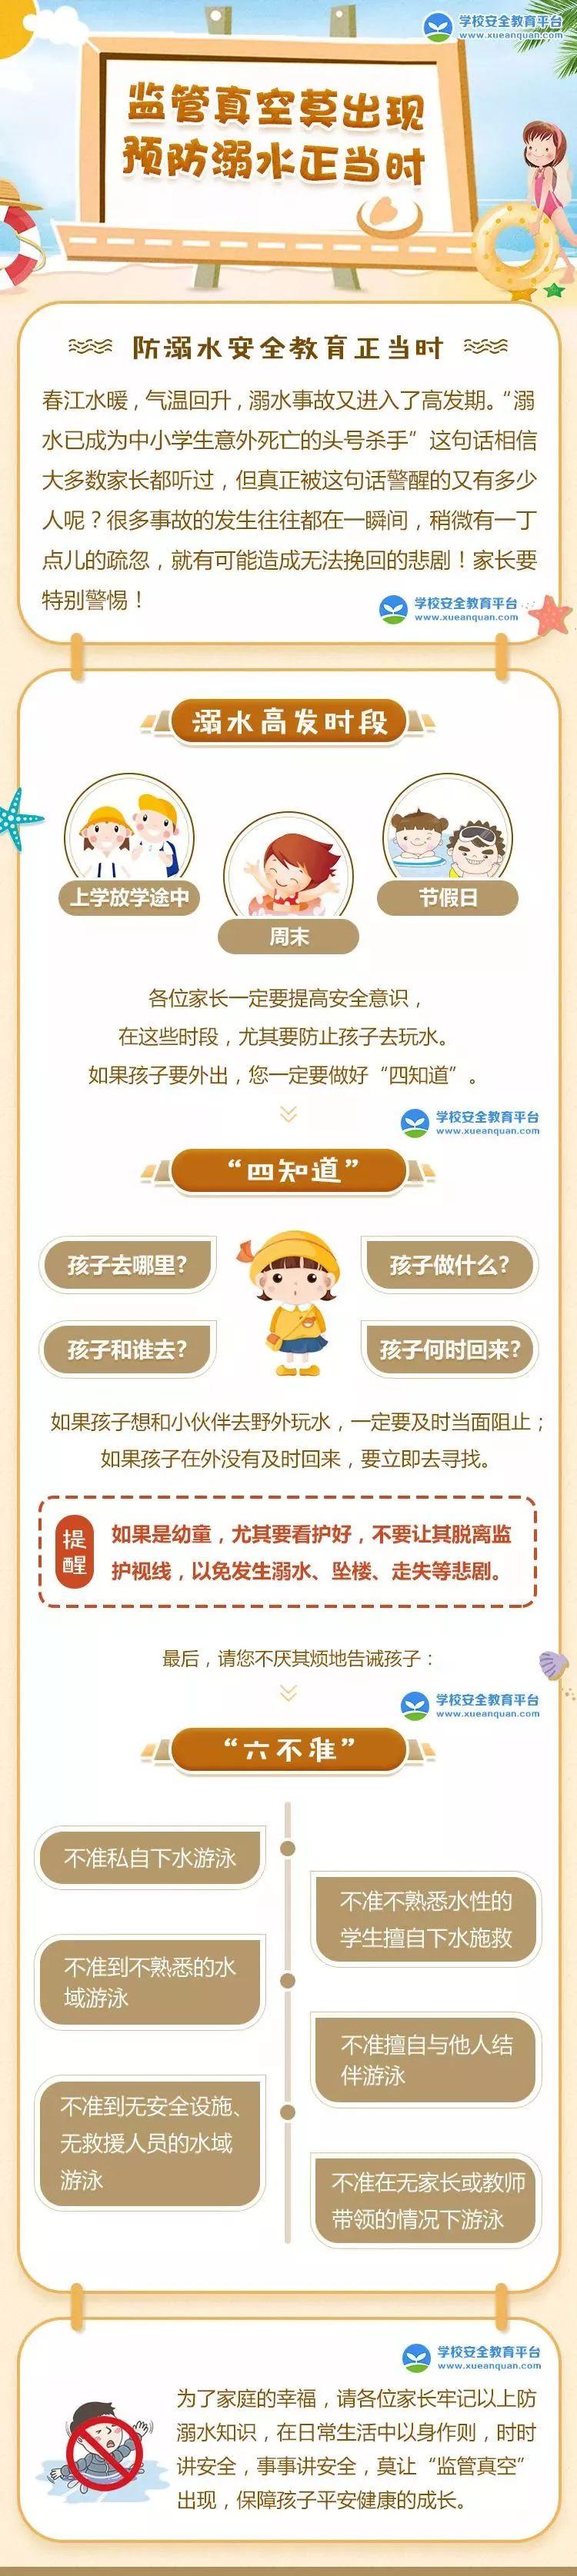 滨州义务教育暑假时间2019年7月6日至9月1日